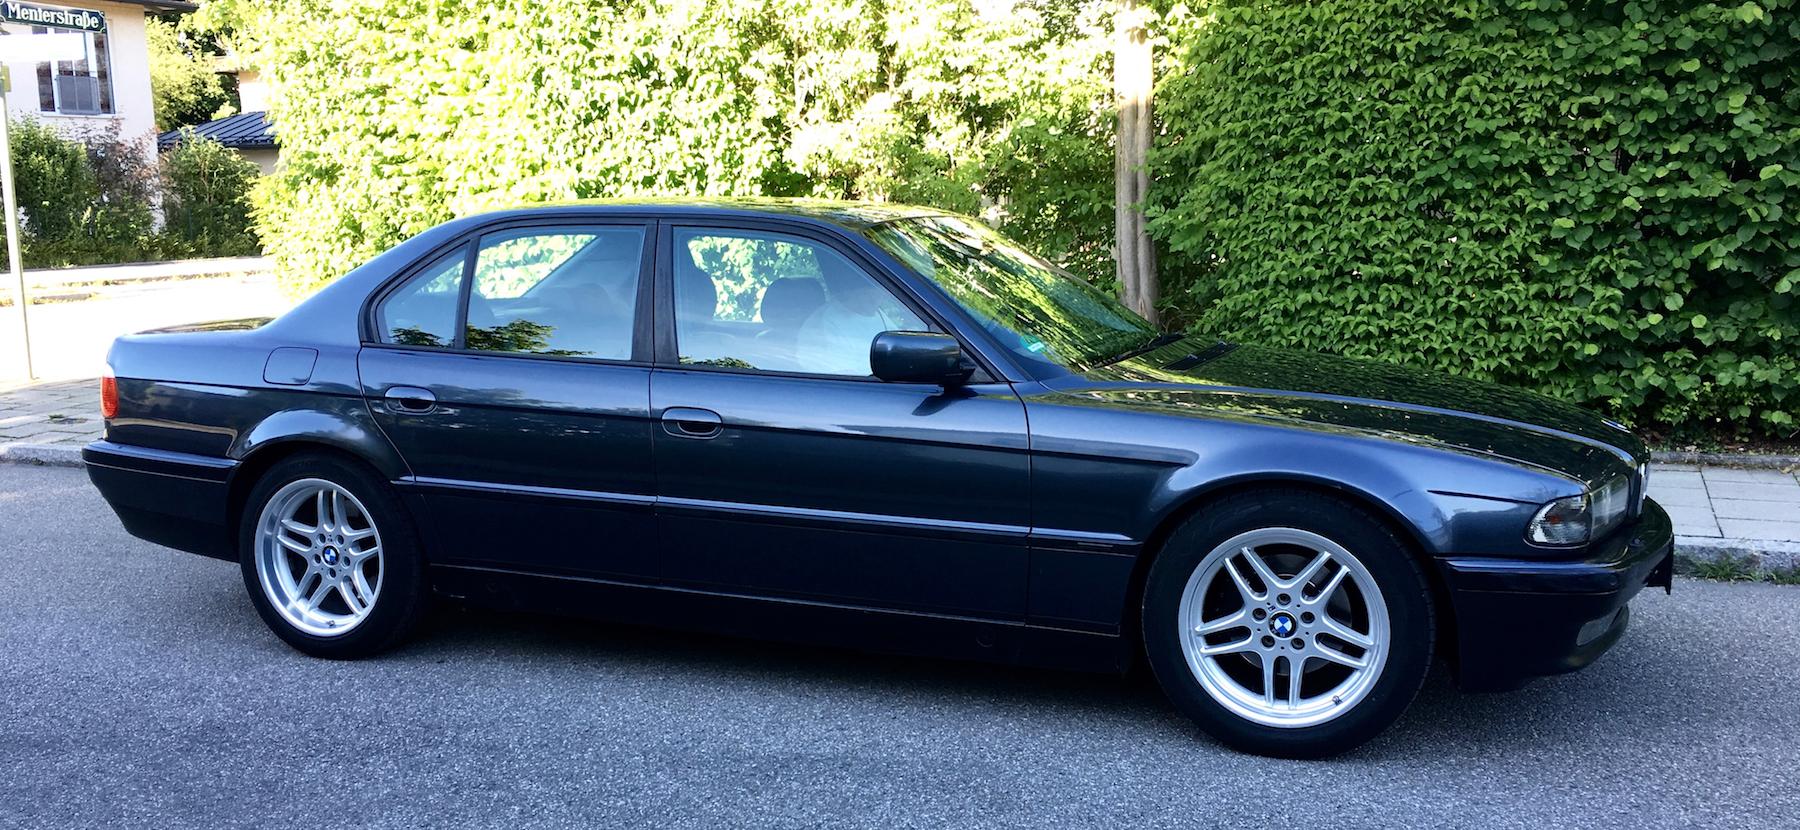 Unser neuer: Ein BMW 728i von 1997 in Fjordgrau und mit mehr als 320.000 km.